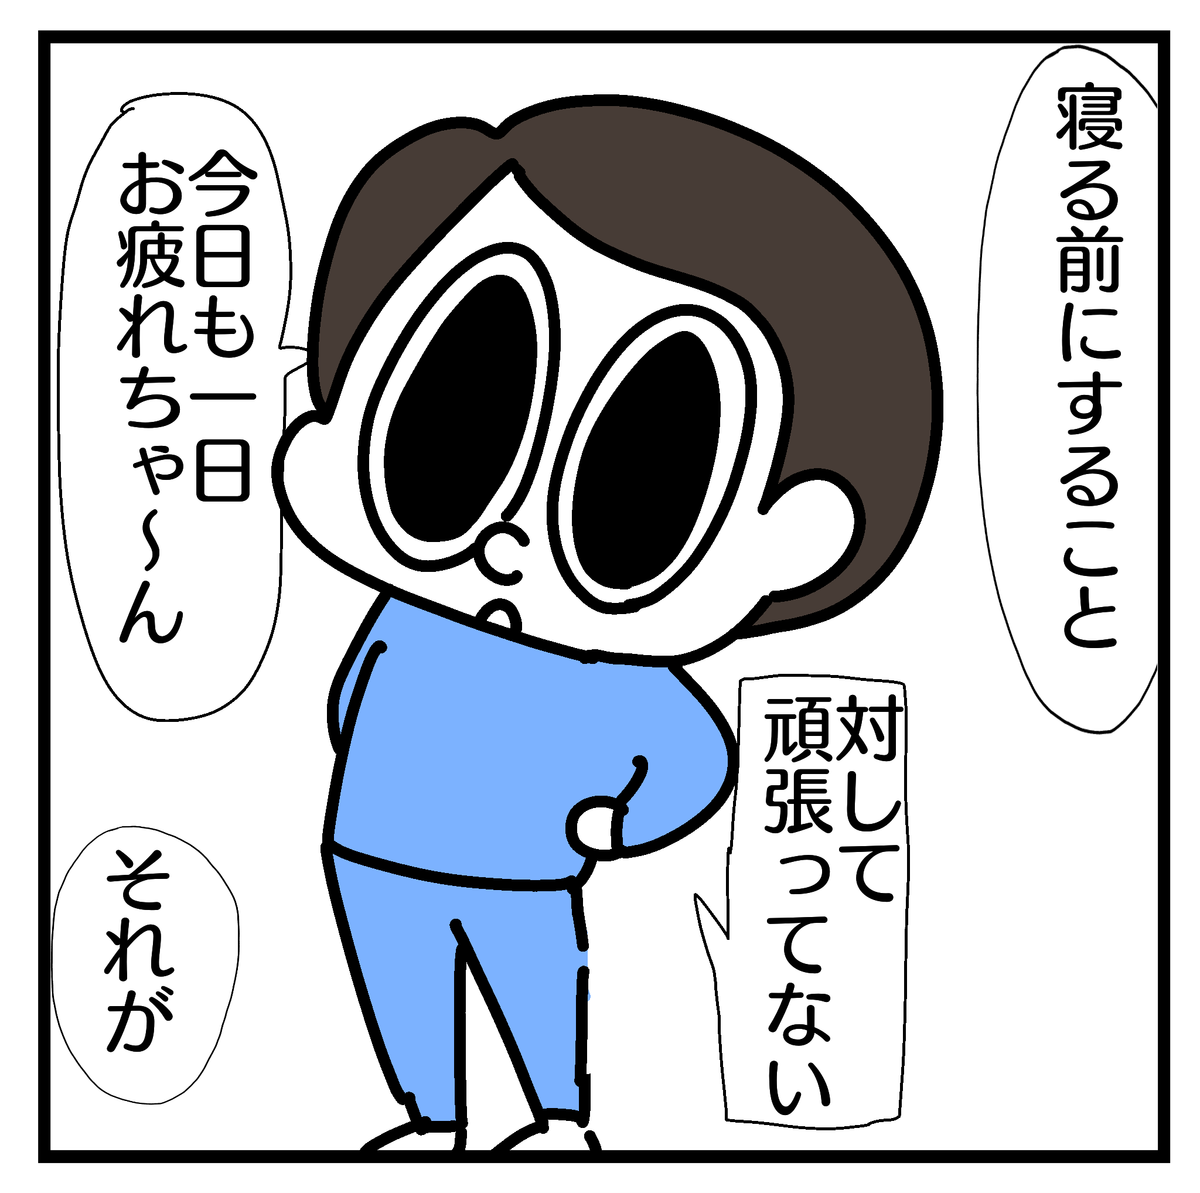 f:id:YuruFuwaTa:20200601110733p:plain